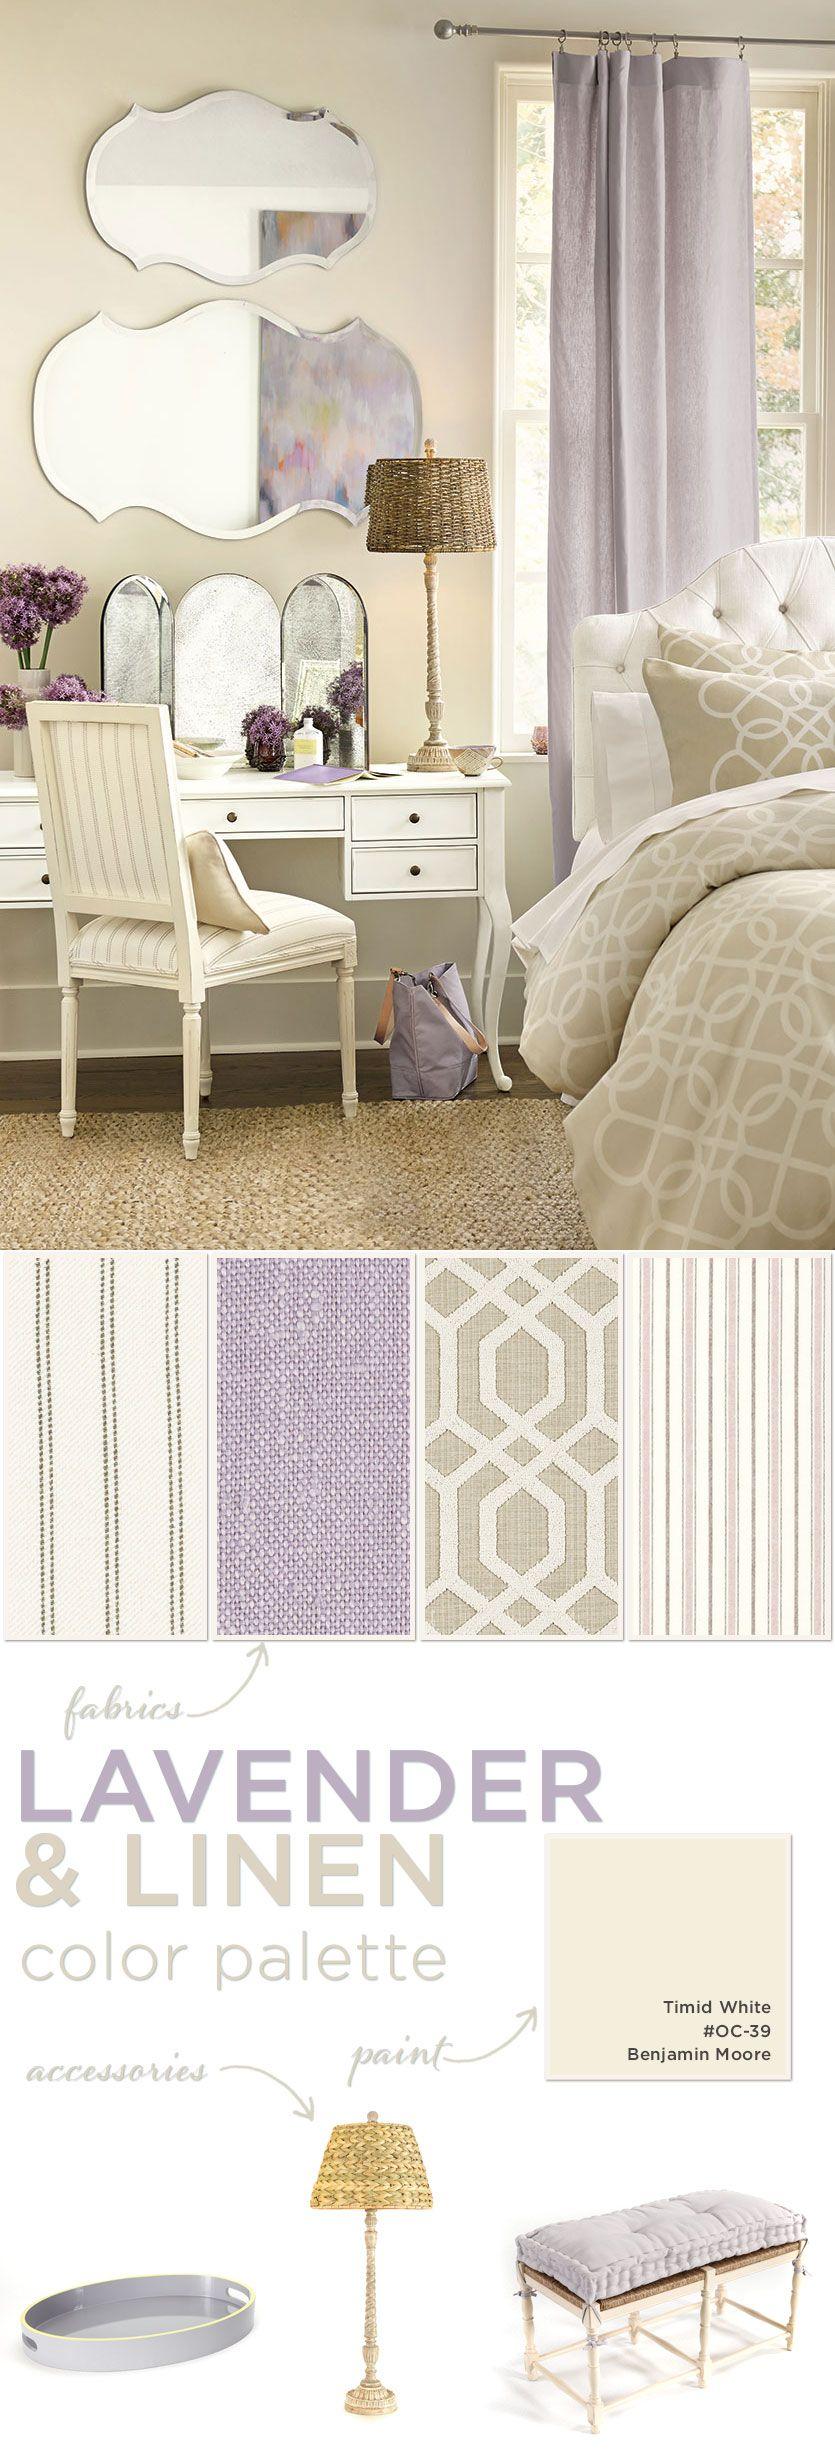 Inspired Color Palettes for Spring 2014 | Lavender color, Lavender ...